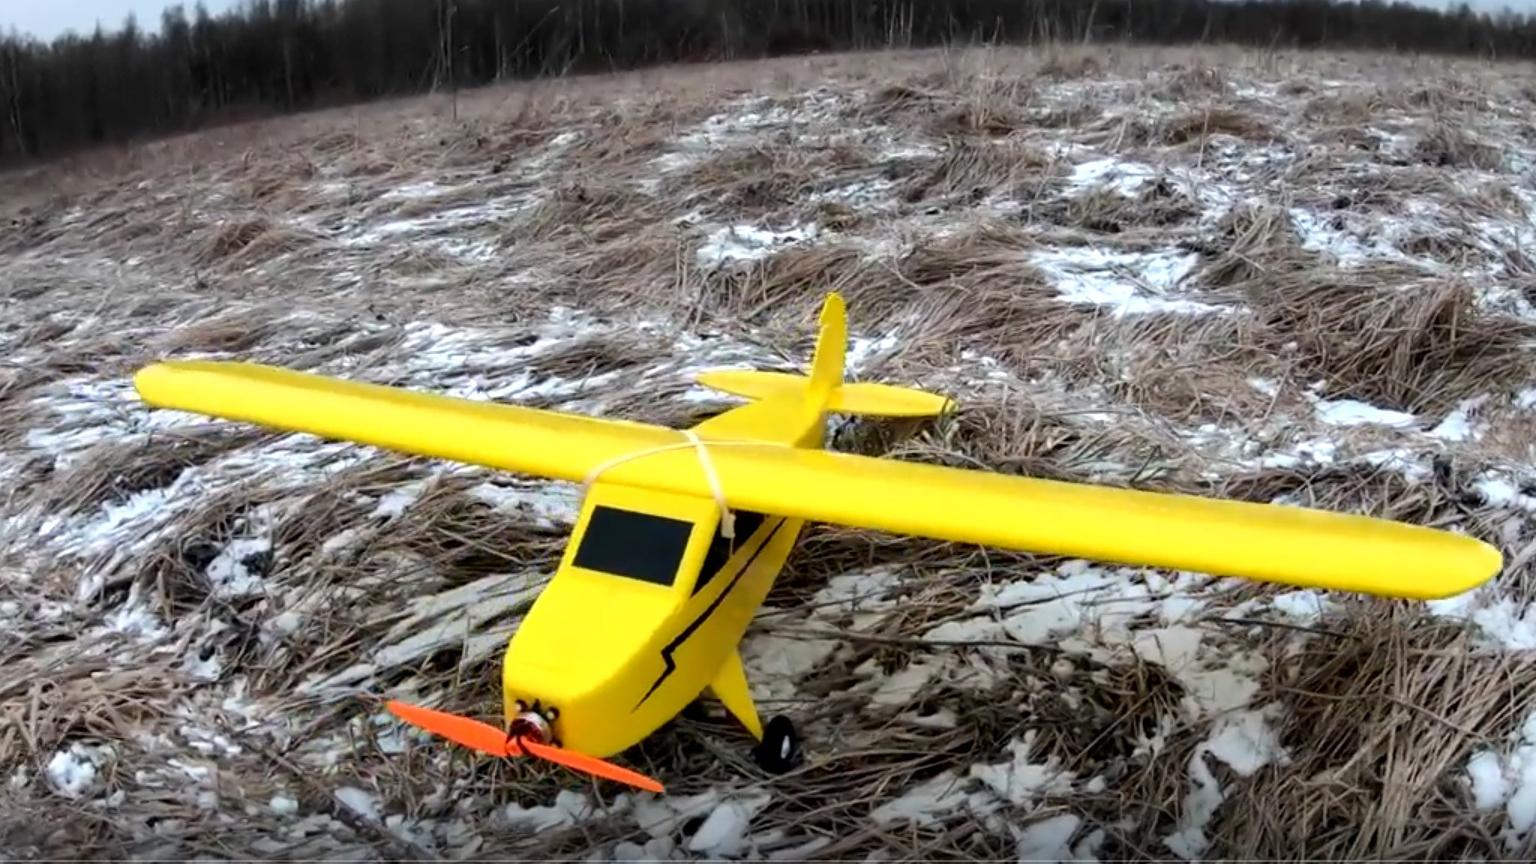 用纸板制作遥控飞机制作过程 J-0216 DIY